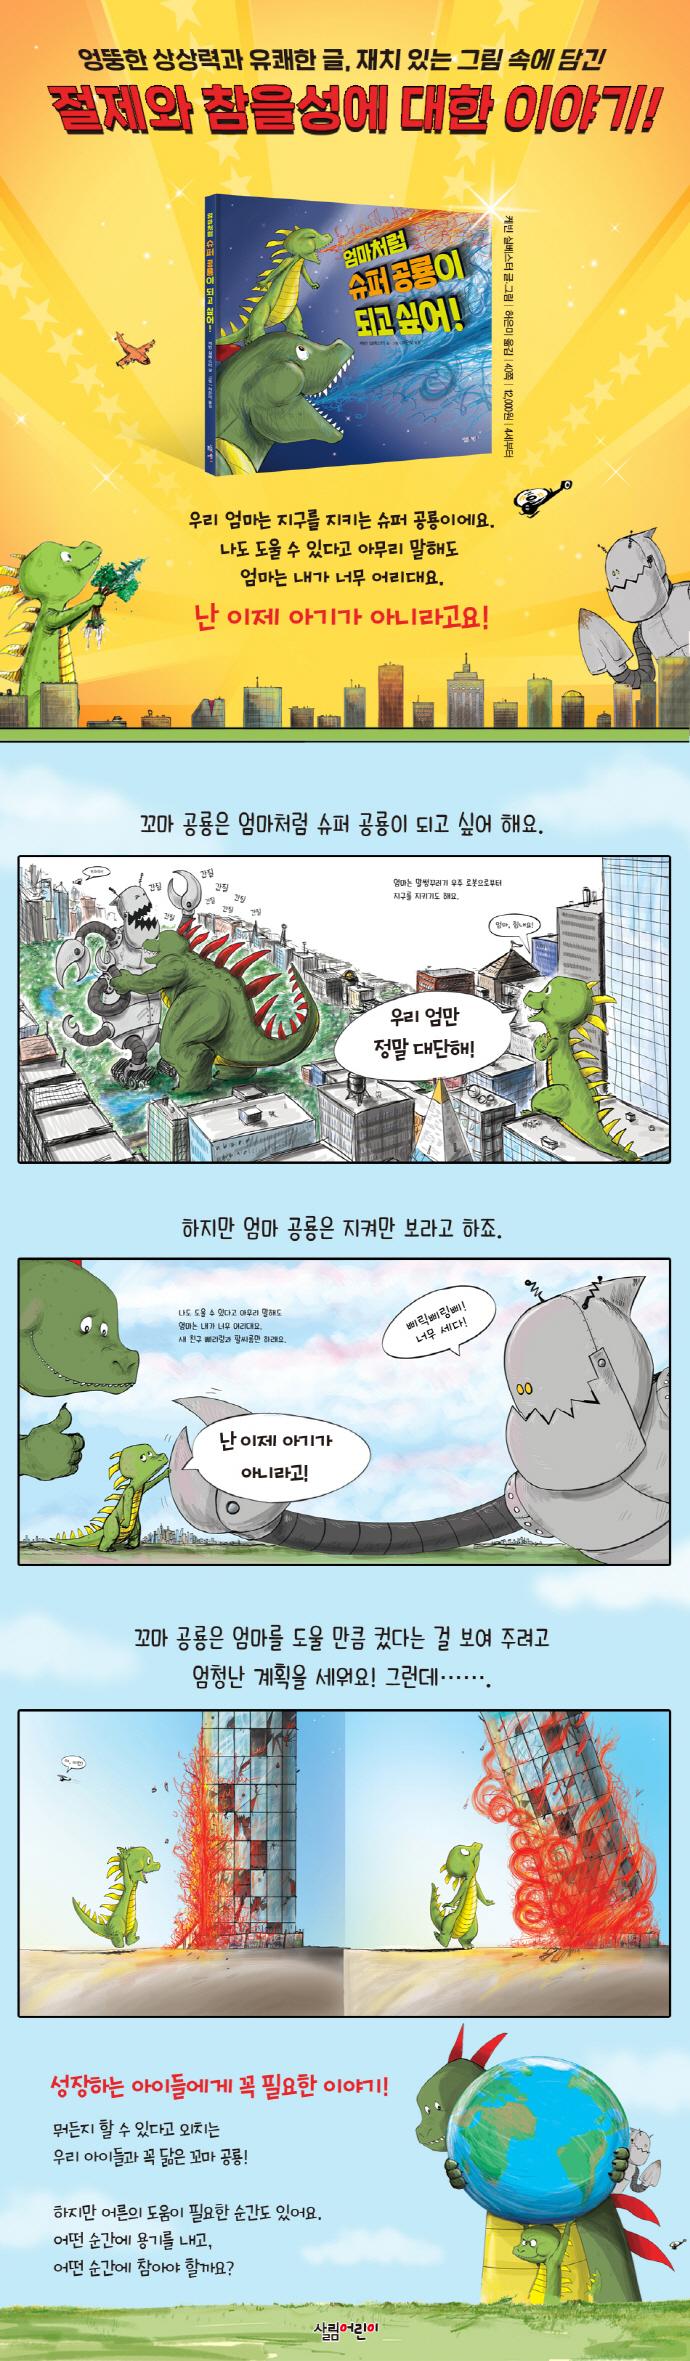 엄마처럼 슈퍼 공룡이 되고 싶어!(살림어린이 그림책 55)(양장본 HardCover) 도서 상세이미지